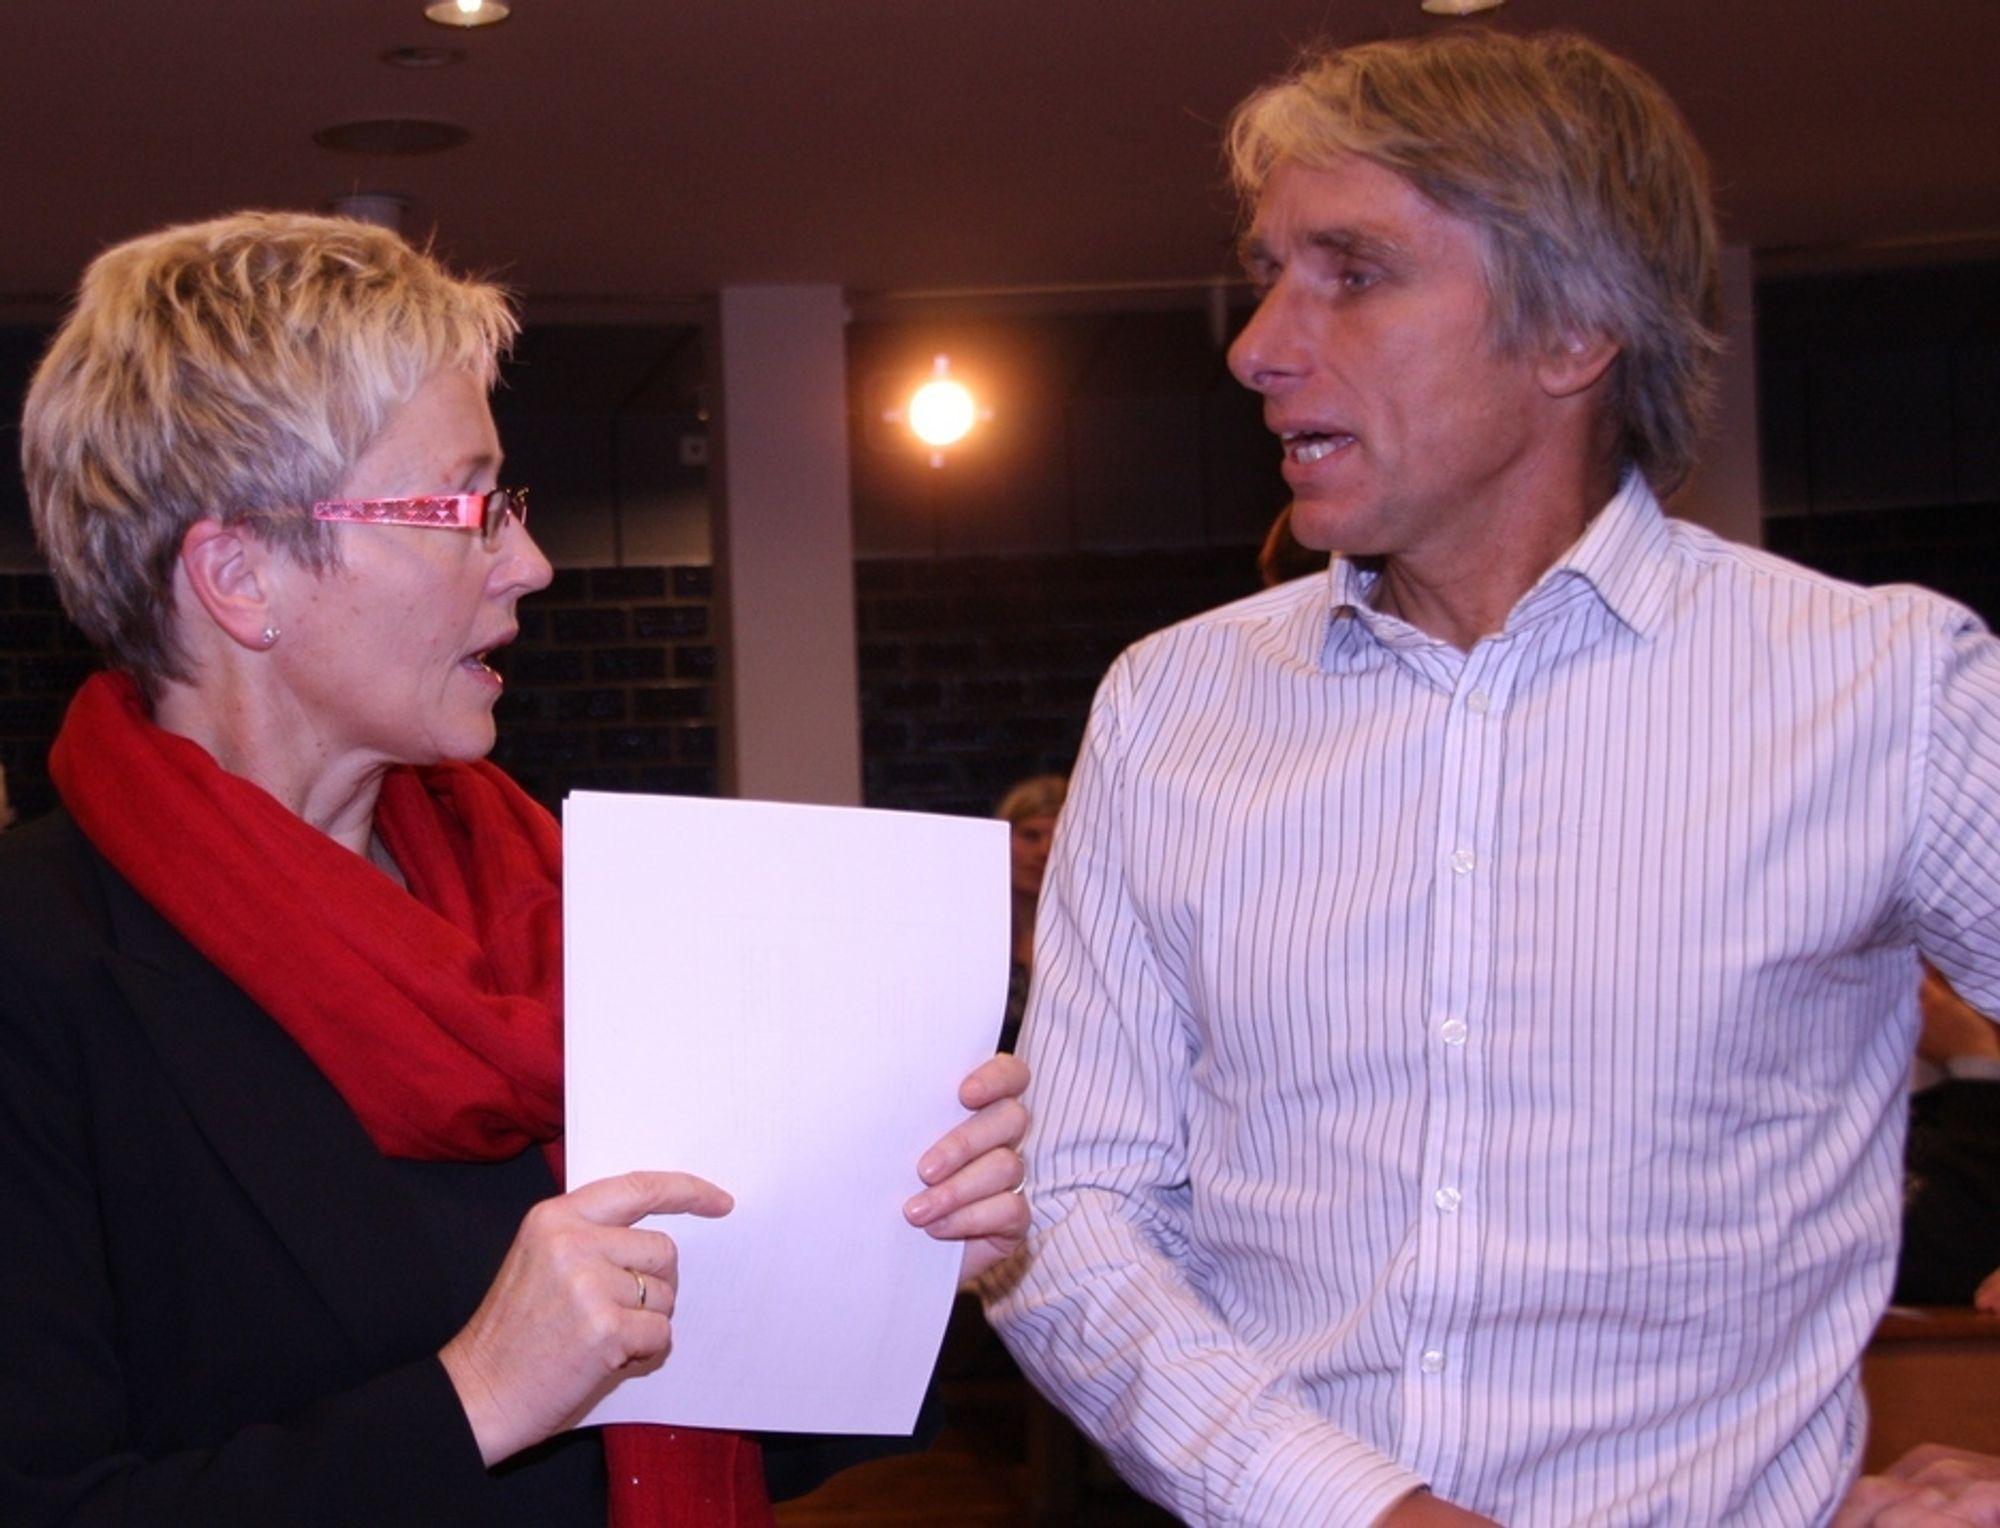 OBSERVASJON: Kommunalminister Liv Signe Navarsete har bedt OSSE observere høstens e-valg, som ledes av prosjektleder Henrik Nore.